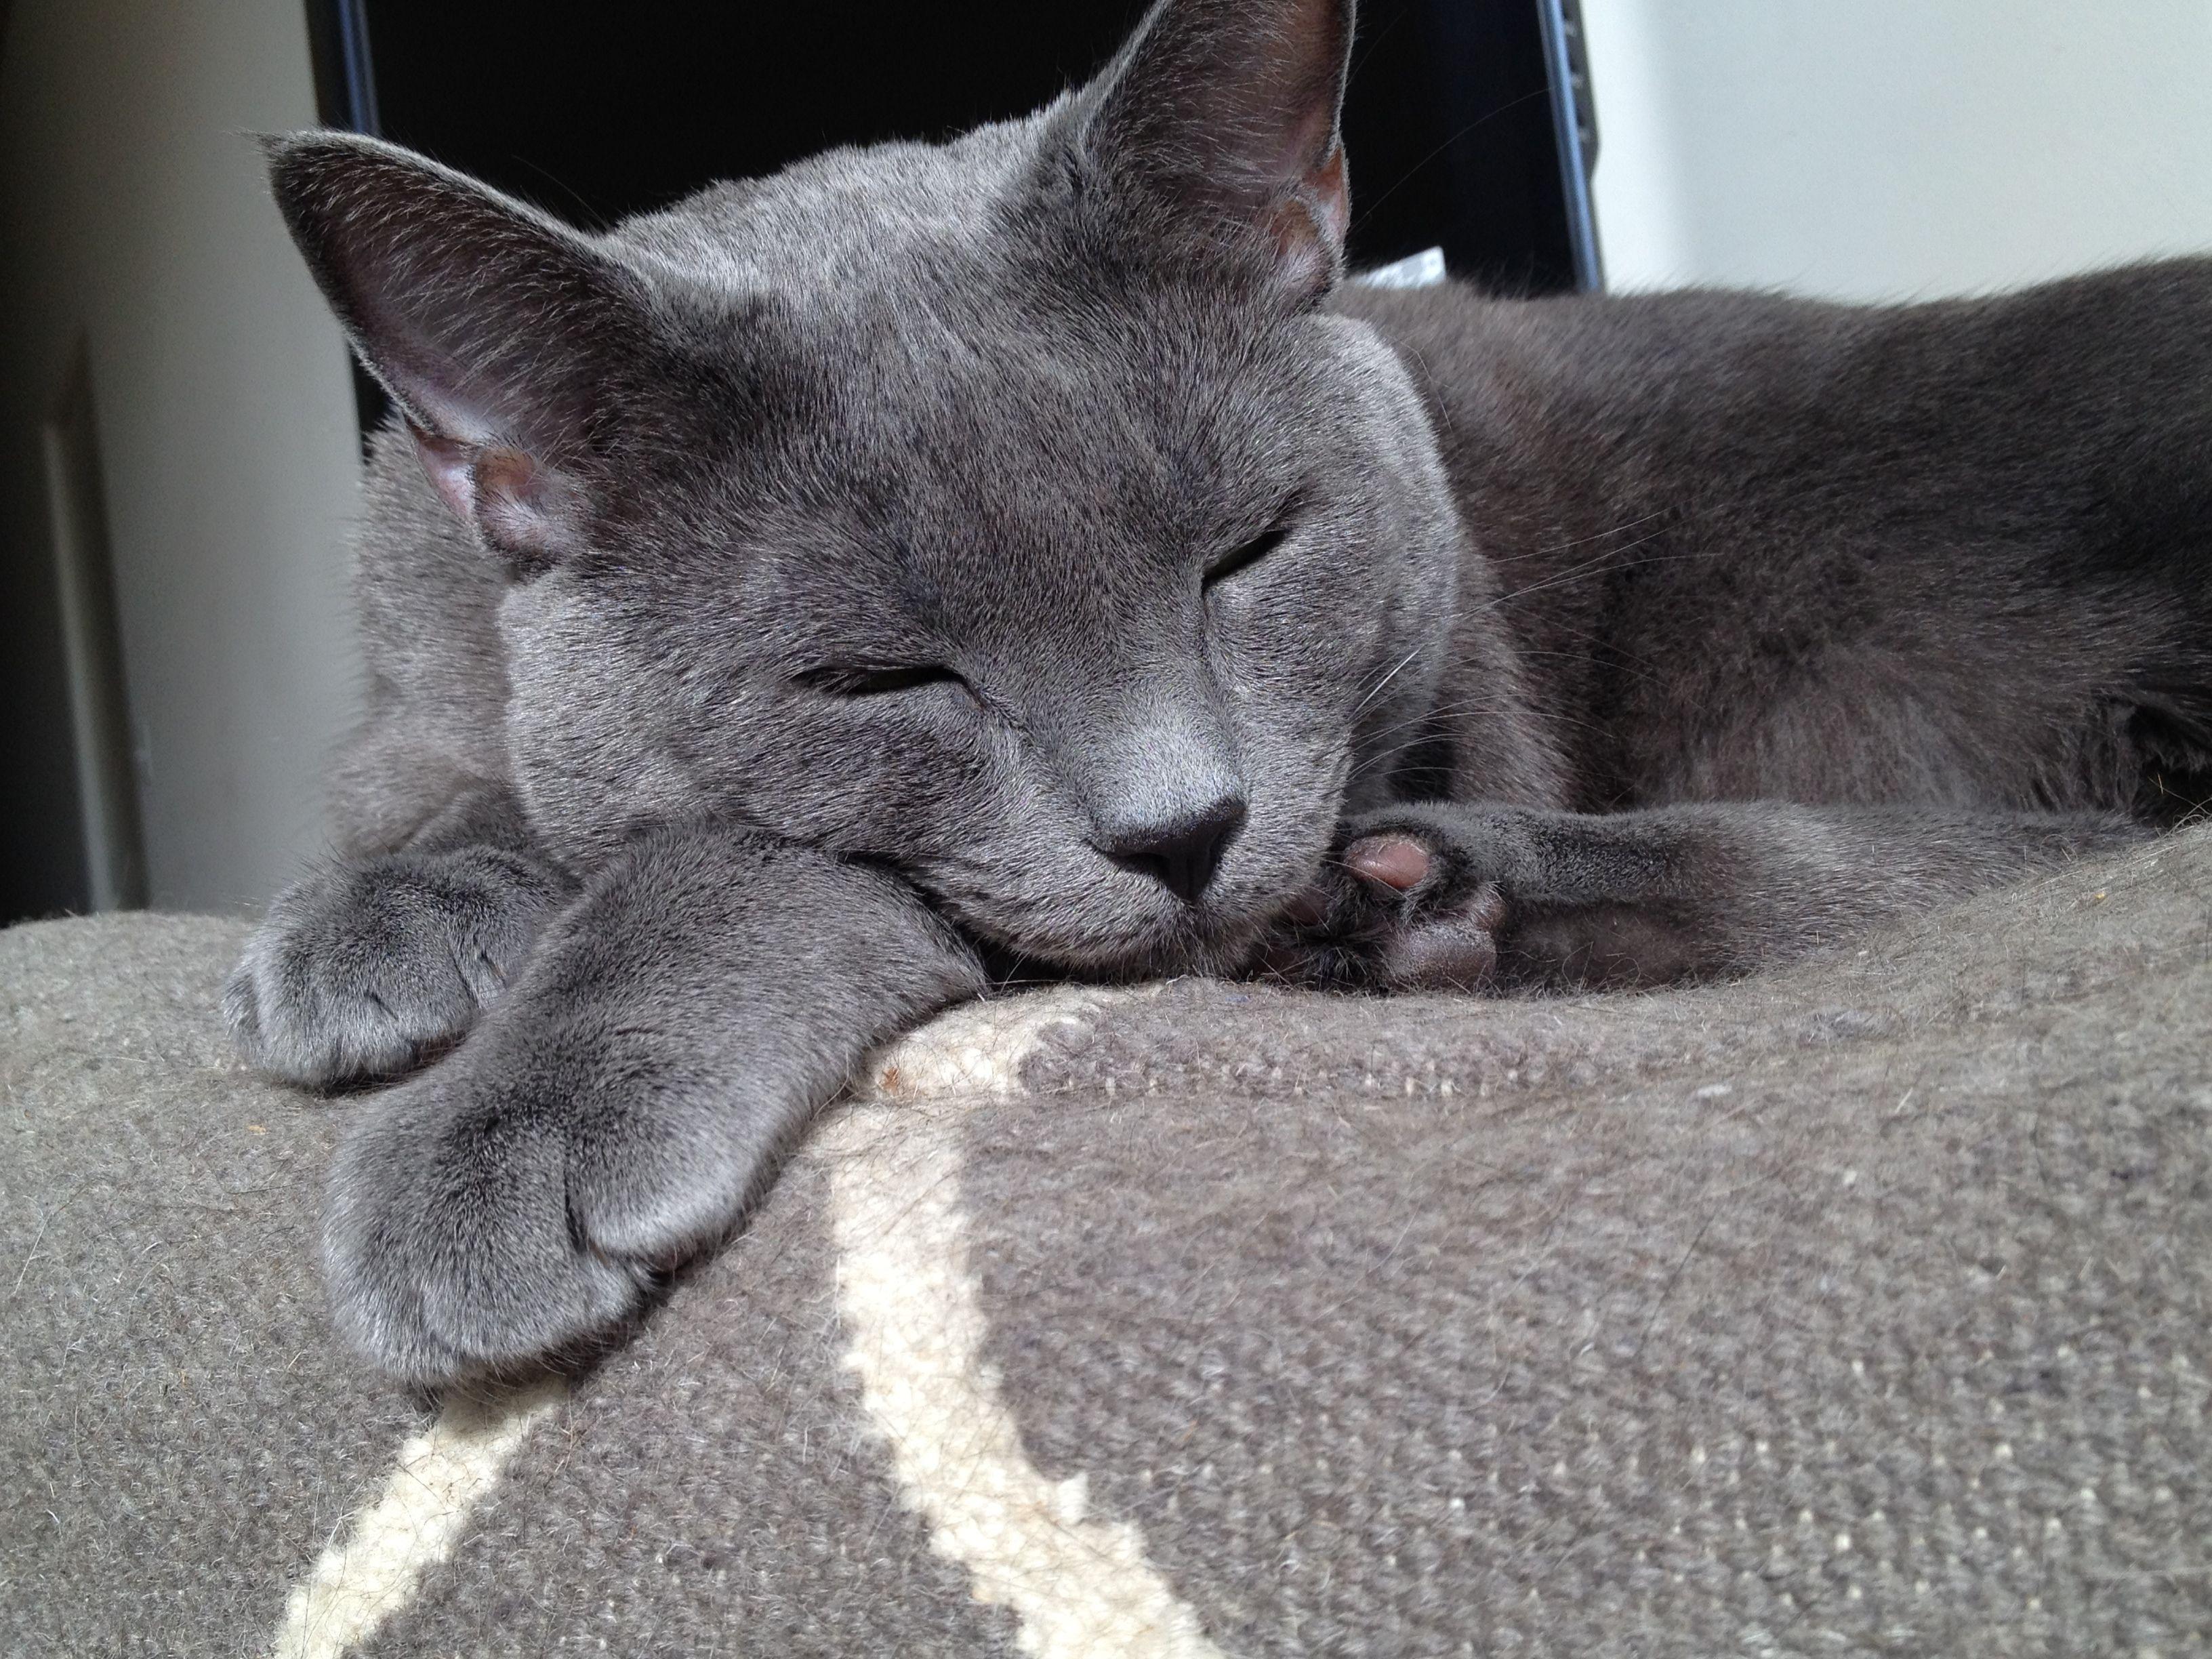 Smudge always sleeps funny